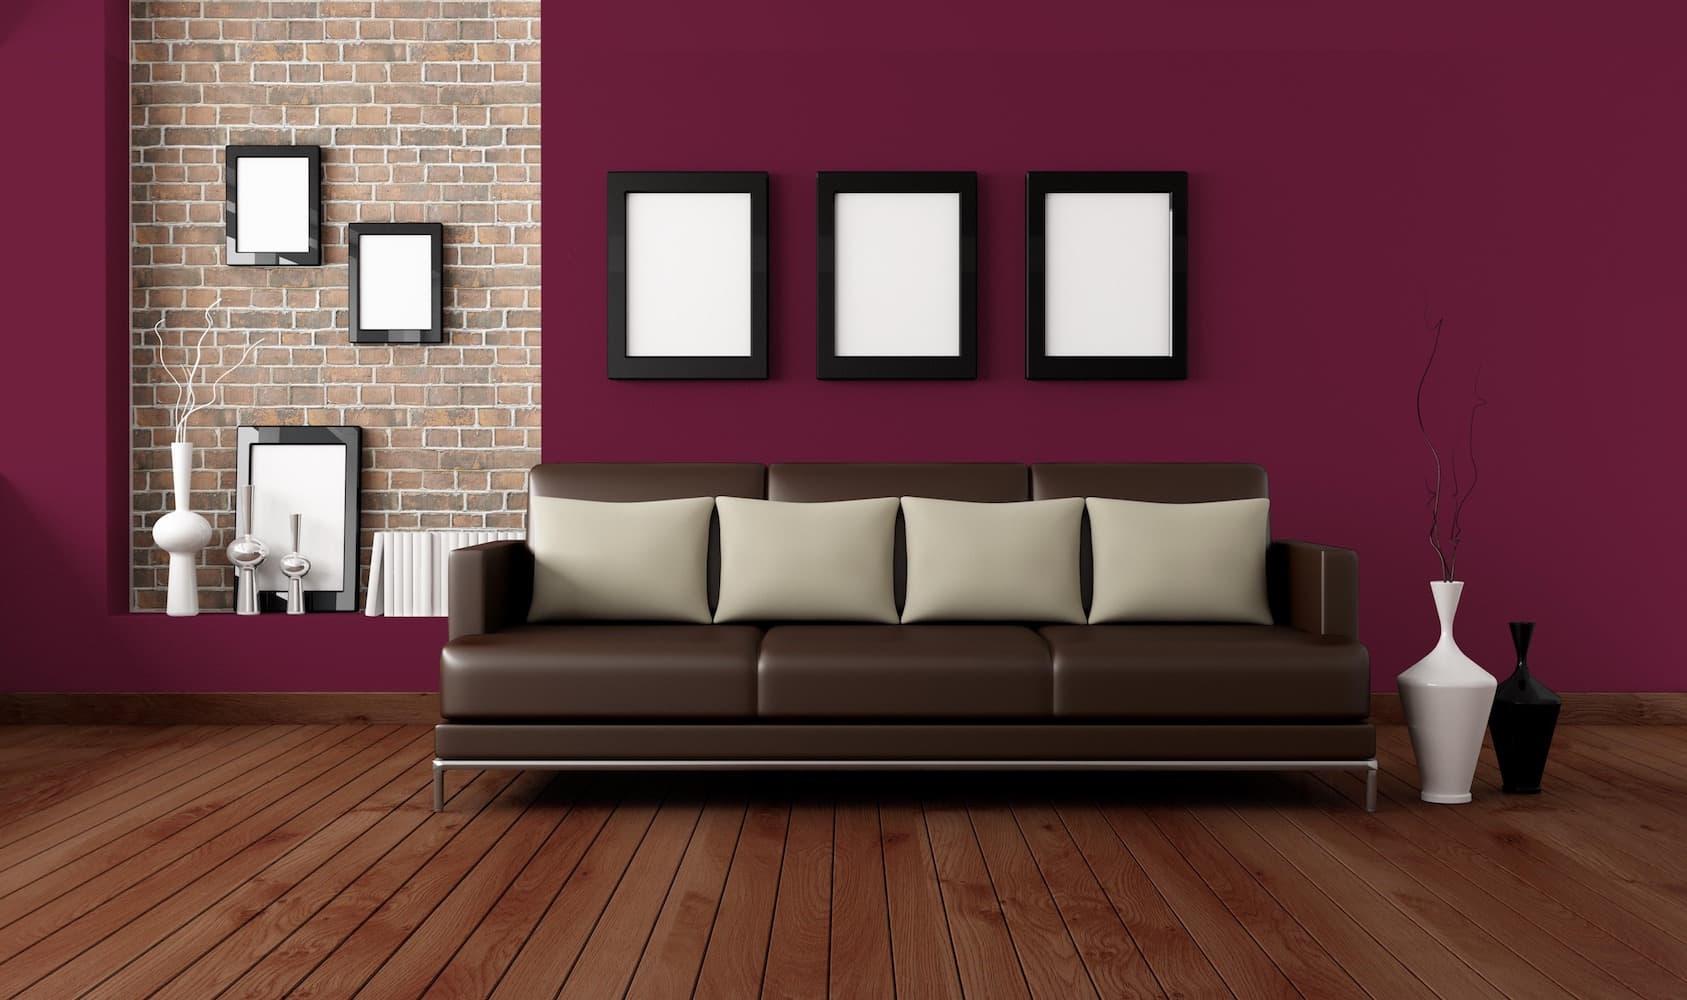 Molto usato per dipingere camere da letto, soggiorni, zone studio nelle tonalità del magenta o del glicine, fino al viola scuro. Maxmeyer